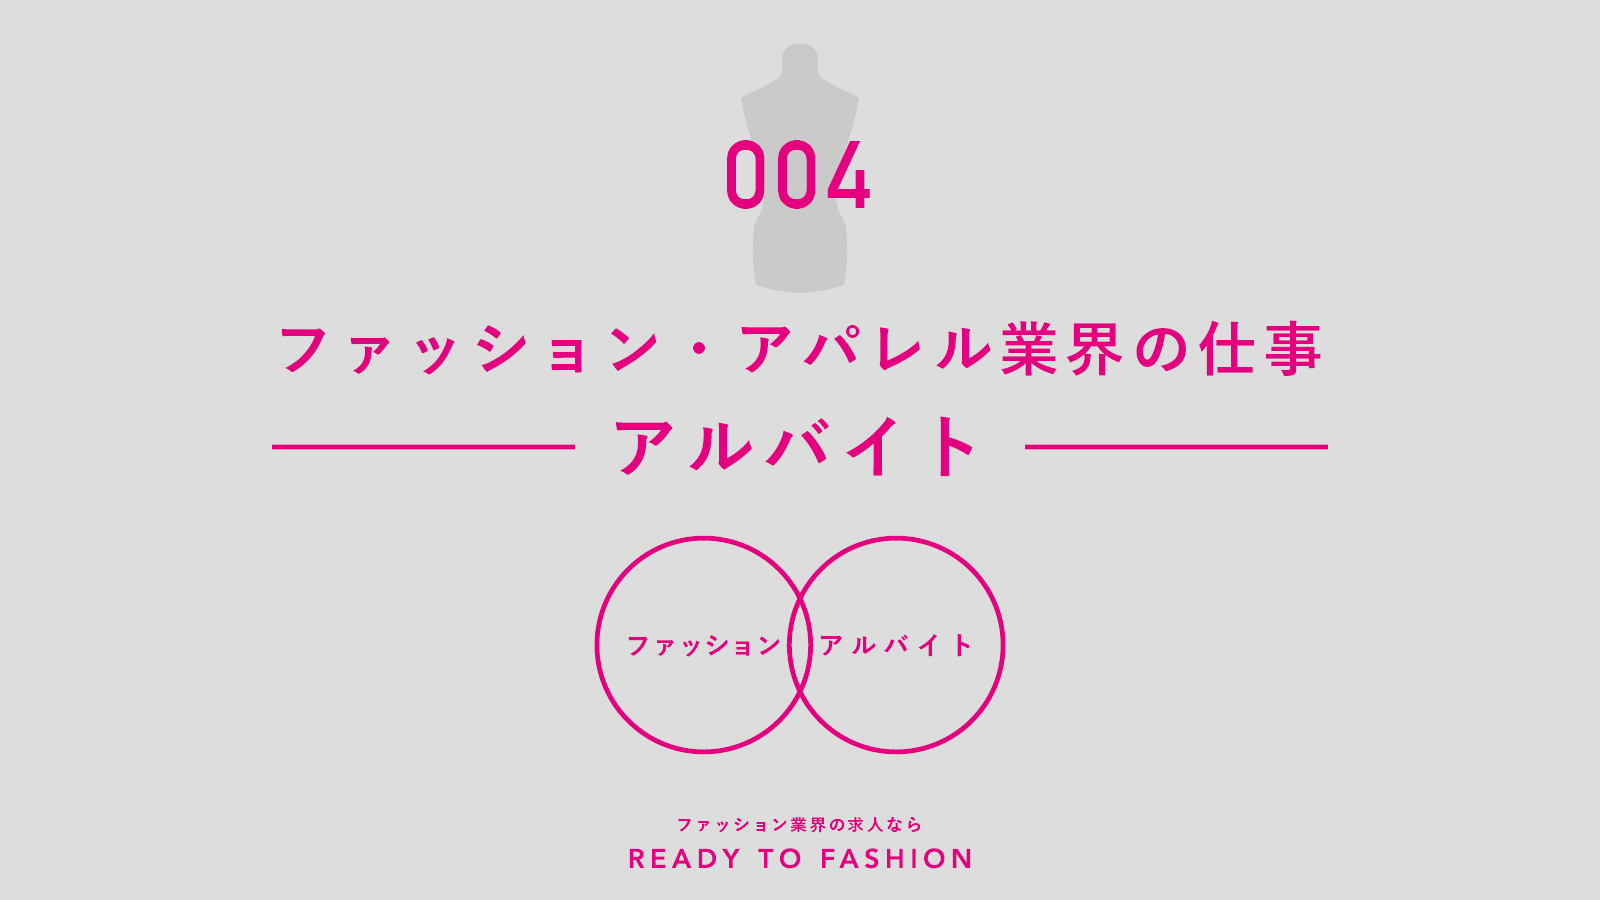 【連載】ファッション・アパレル業界の仕事|vol.4 アルバイト②